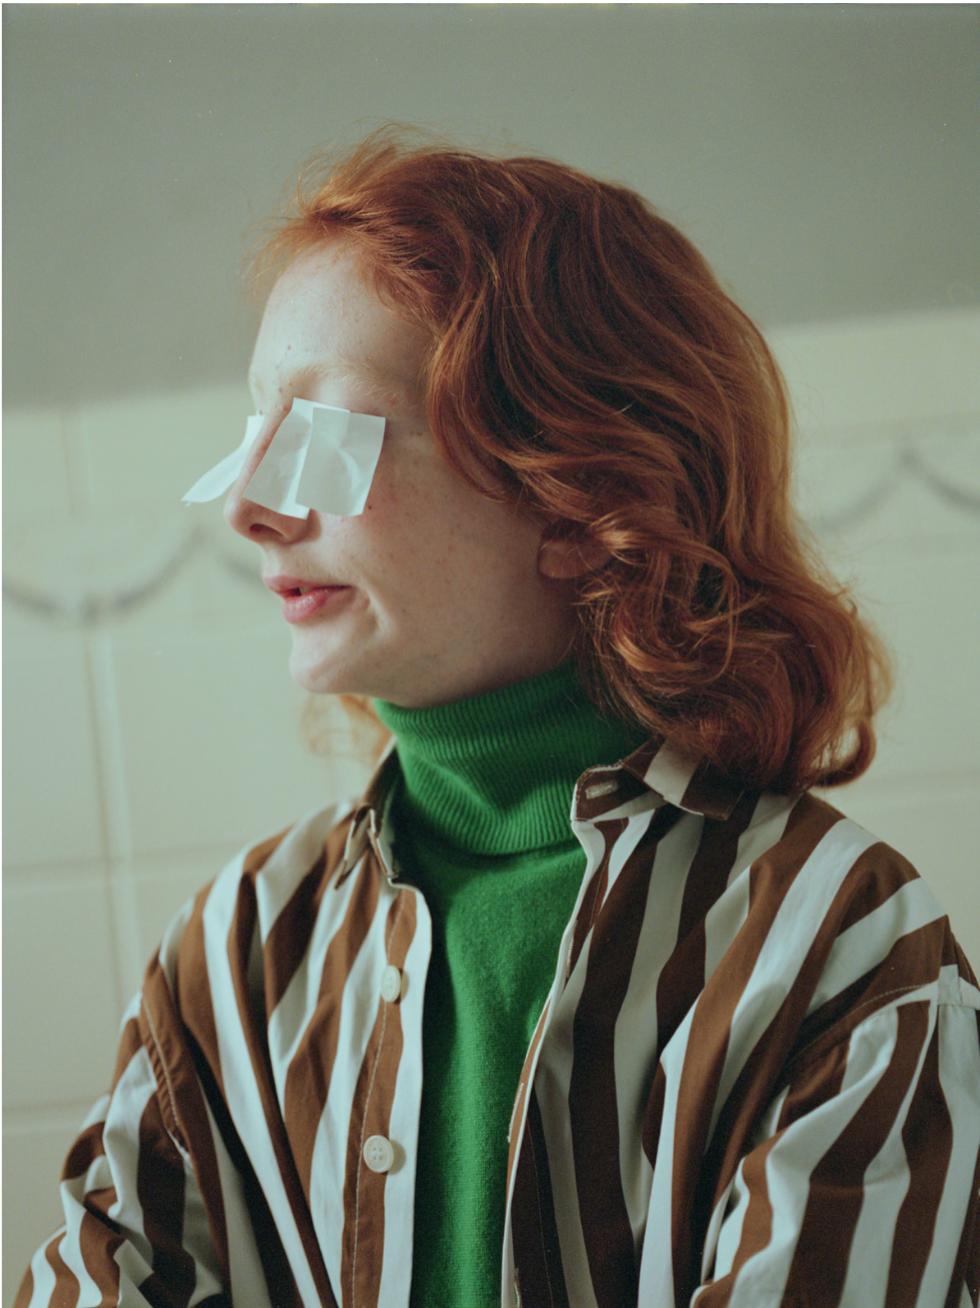 intervista al fotografo Luca Grottoli per OriginalsMilano Grid | Collater.al 8